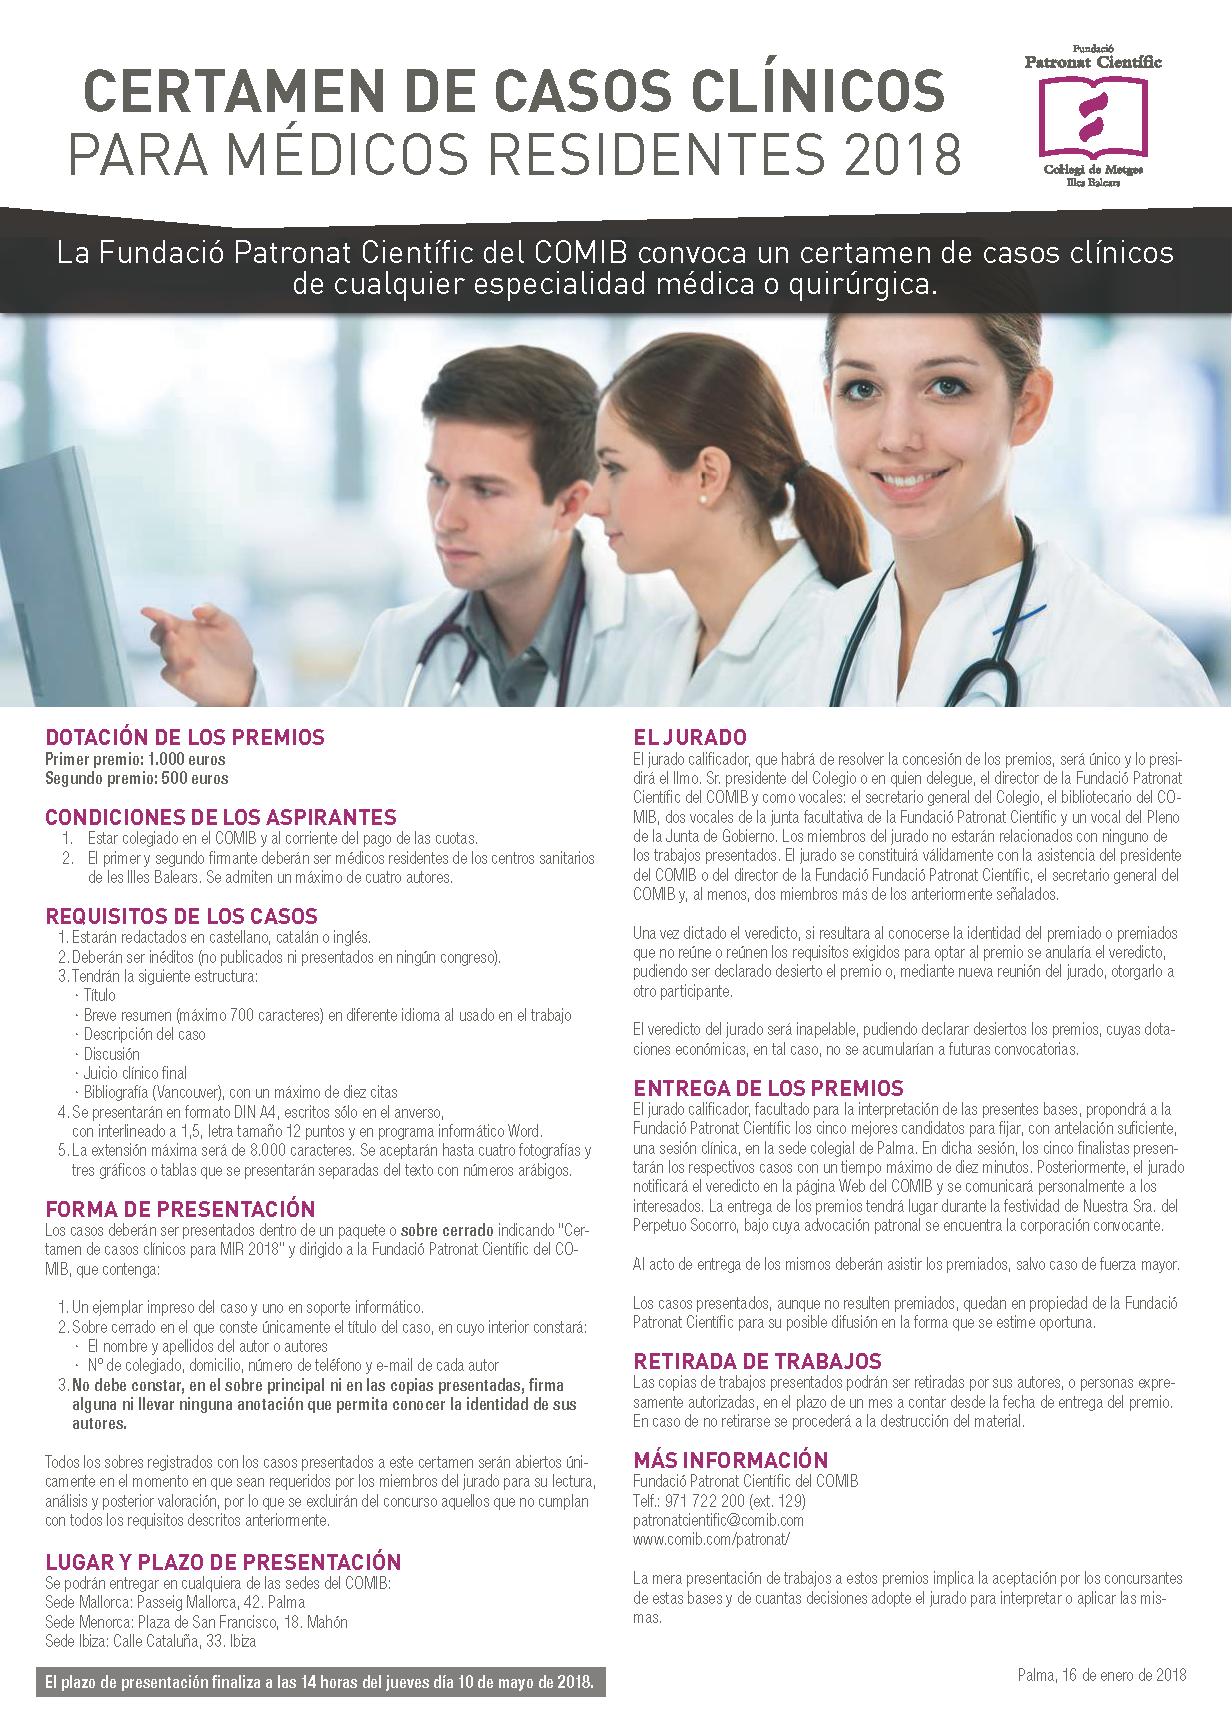 II Certamen de casos clinicos residentes